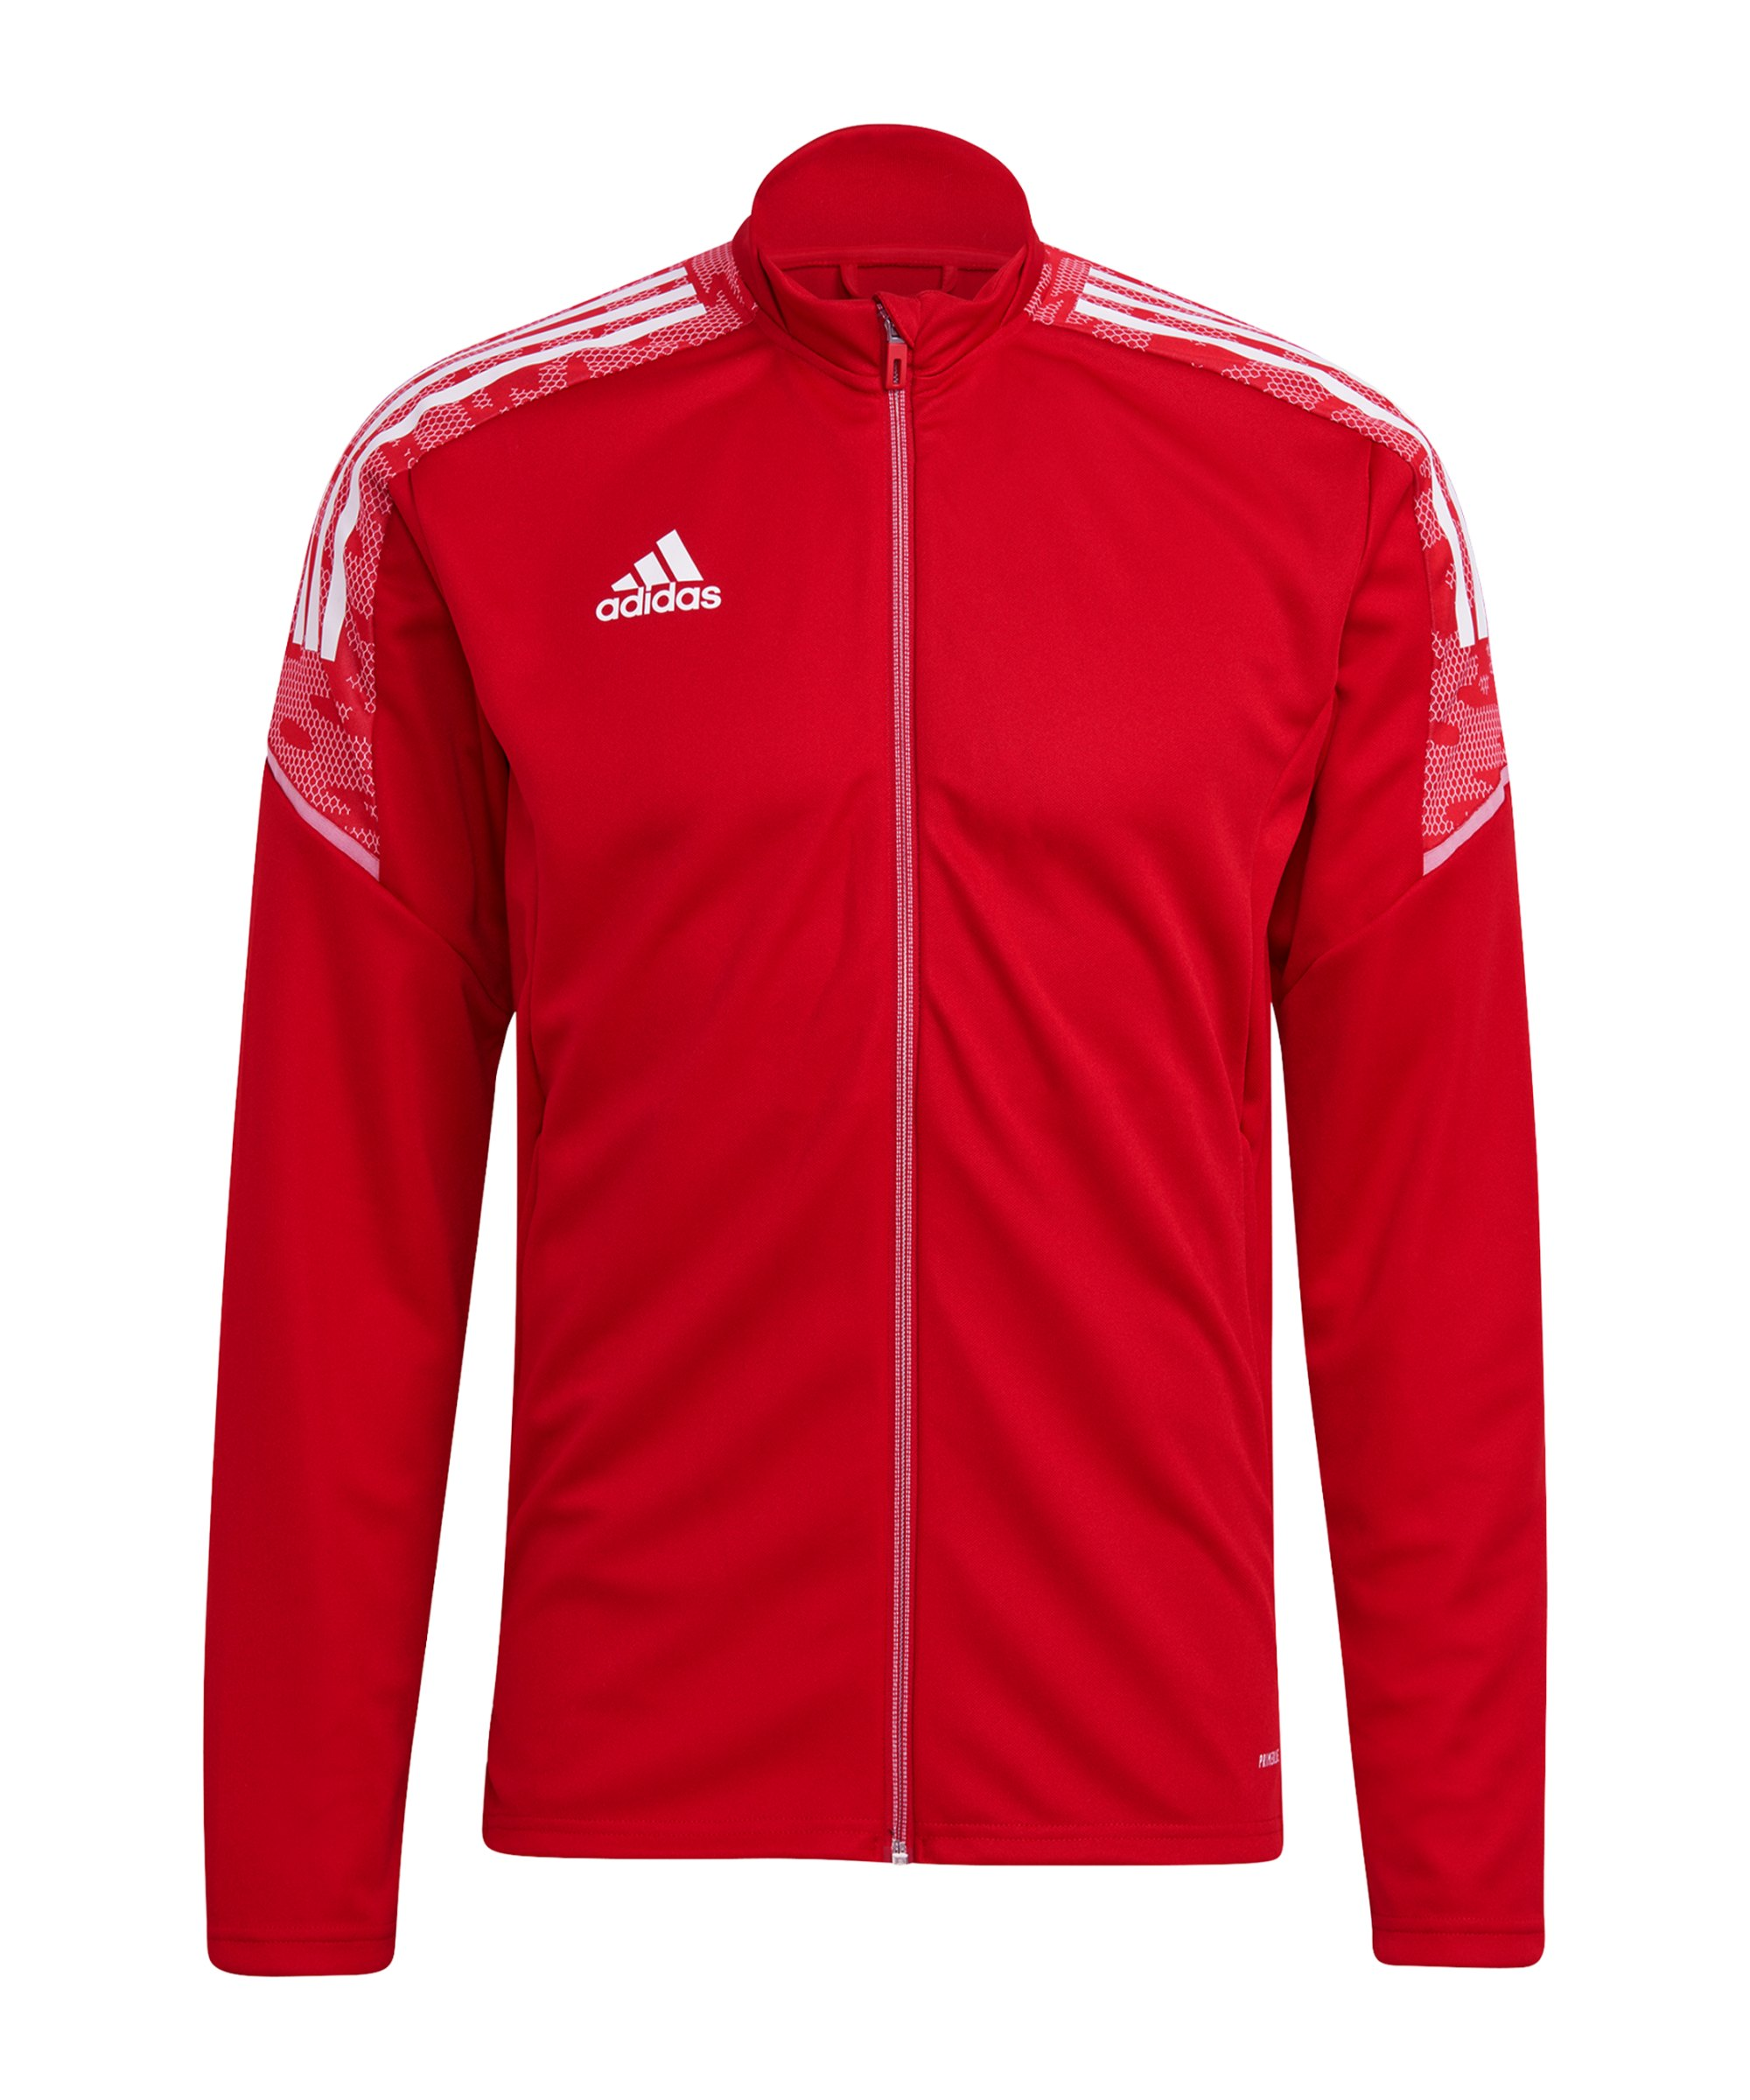 adidas Condivo 21 Trainingsjacke Rot Weiss - rot